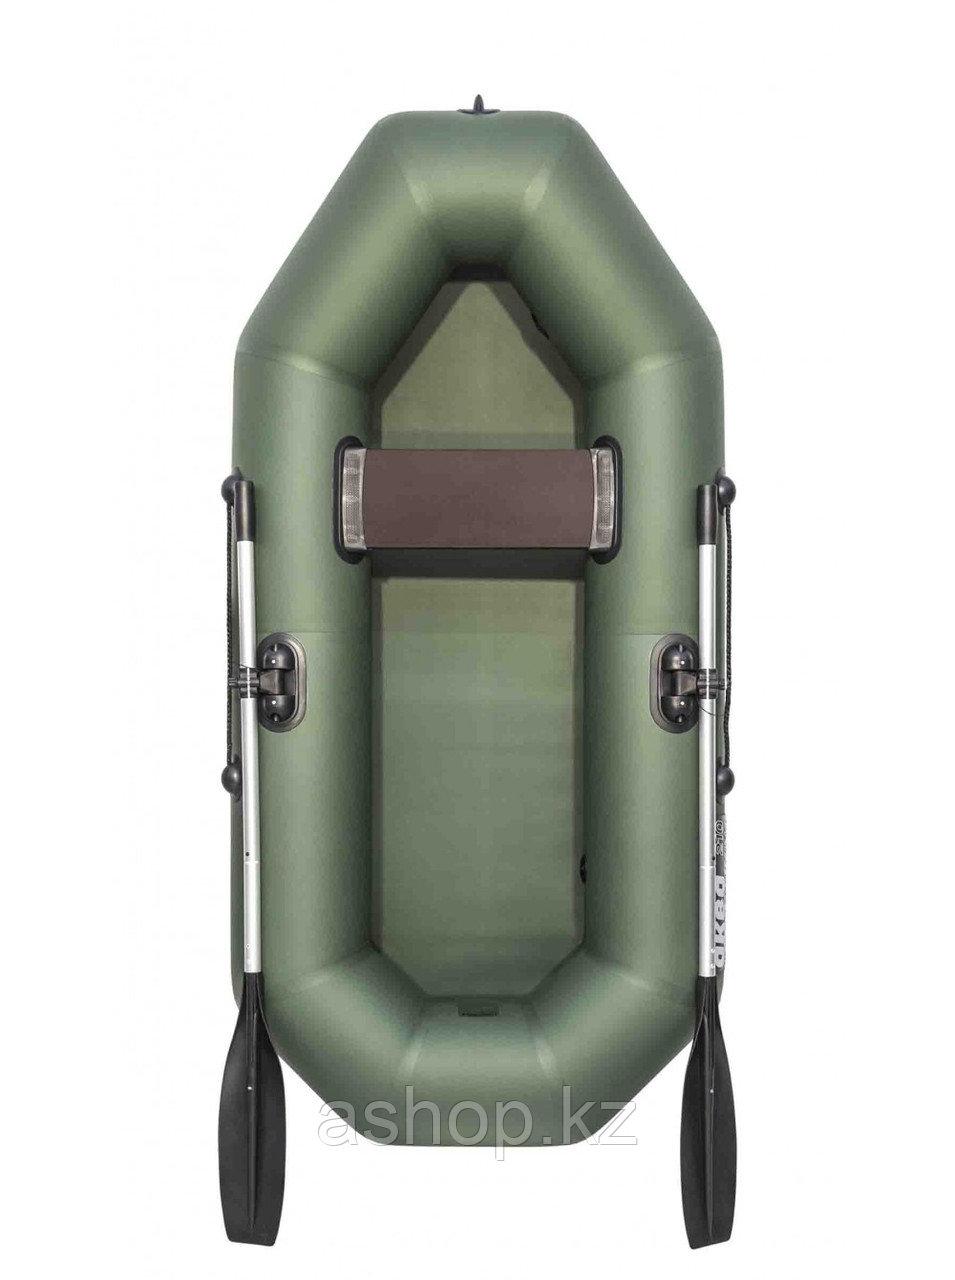 Лодка гребная надувная плоскодонная Аква Оптима 210, Грузоподъемность: 120кг, Вместимость: 1 чел., Кол-во отсе